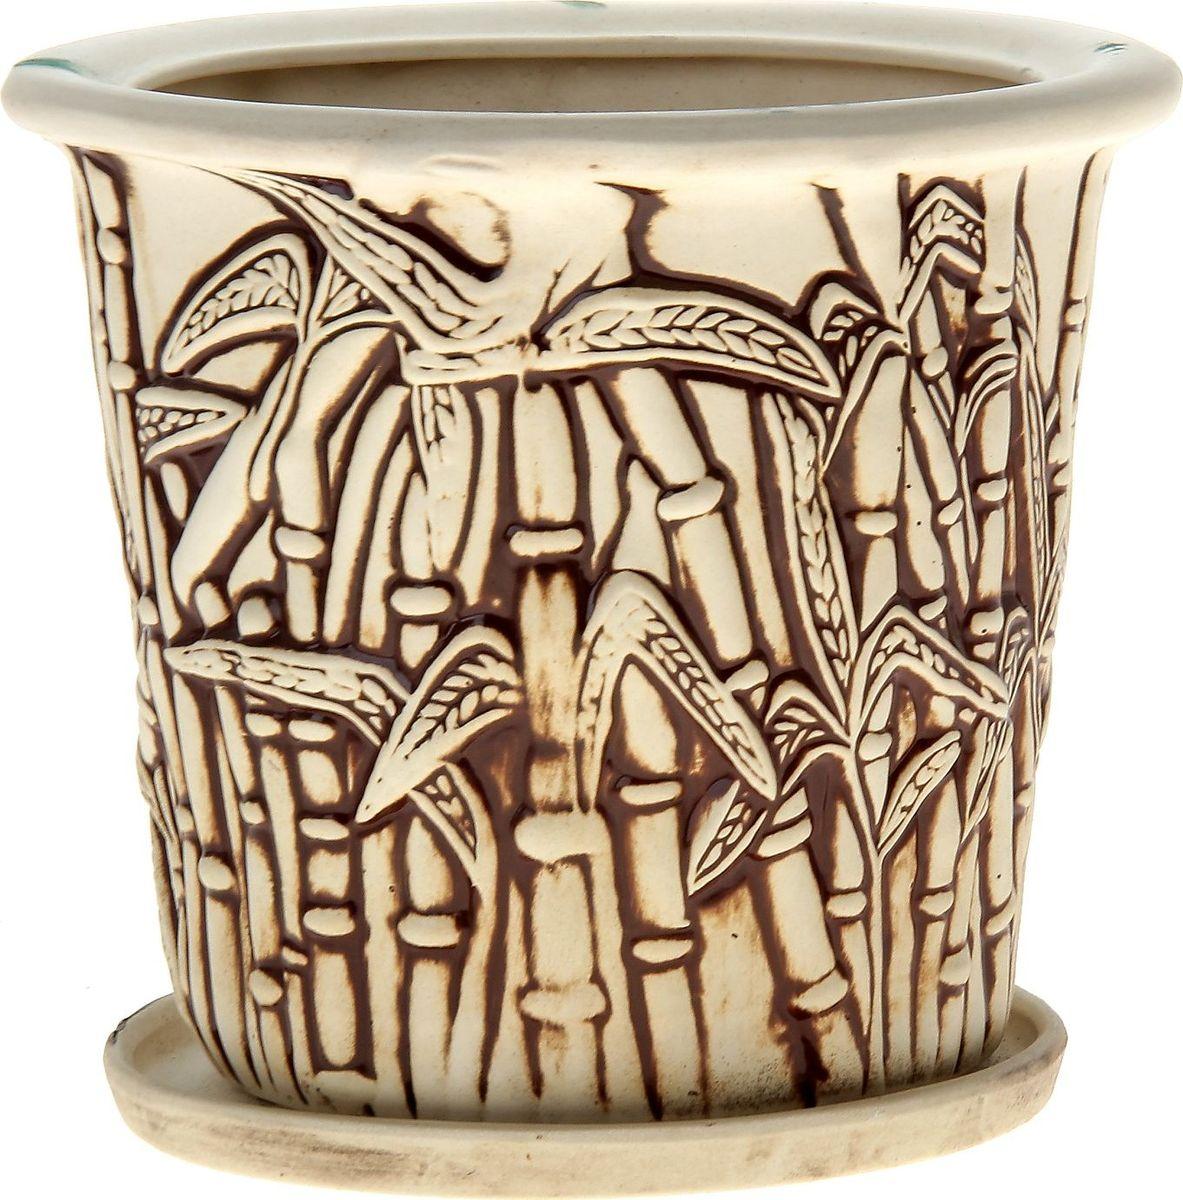 Кашпо Керамика ручной работы Камыш, цвет: шамот, 5 л144199Комнатные растения — всеобщие любимцы. Они радуют глаз, насыщают помещение кислородом и украшают пространство. Каждому из них необходим свой удобный и красивый дом. Кашпо из керамики прекрасно подходят для высадки растений: за счёт пластичности глины и разных способов обработки существует великое множество форм и дизайновпористый материал позволяет испаряться лишней влагевоздух, необходимый для дыхания корней, проникает сквозь керамические стенки! #name# позаботится о зелёном питомце, освежит интерьер и подчеркнёт его стиль.